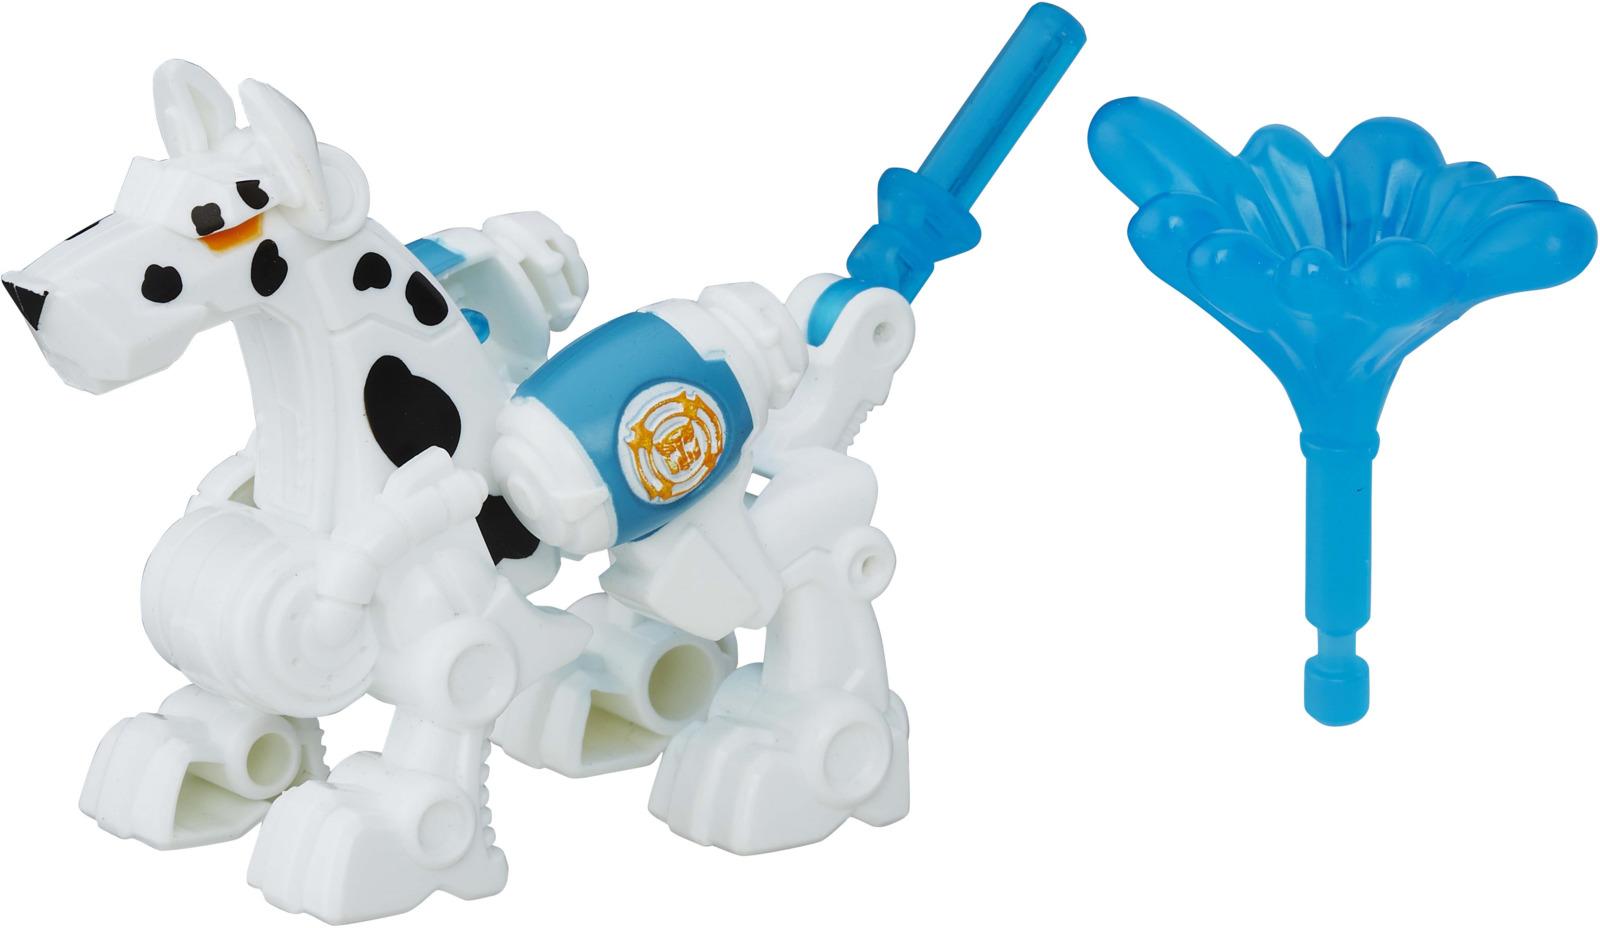 Трансформер Playskool Heroes. В4959EU4_B4954В4959EU4_B4954Игрушка легко трансформируется из робота в машину. Такая игрушка надолго привлечет интерес любого ребенка! Собери коллекцию!